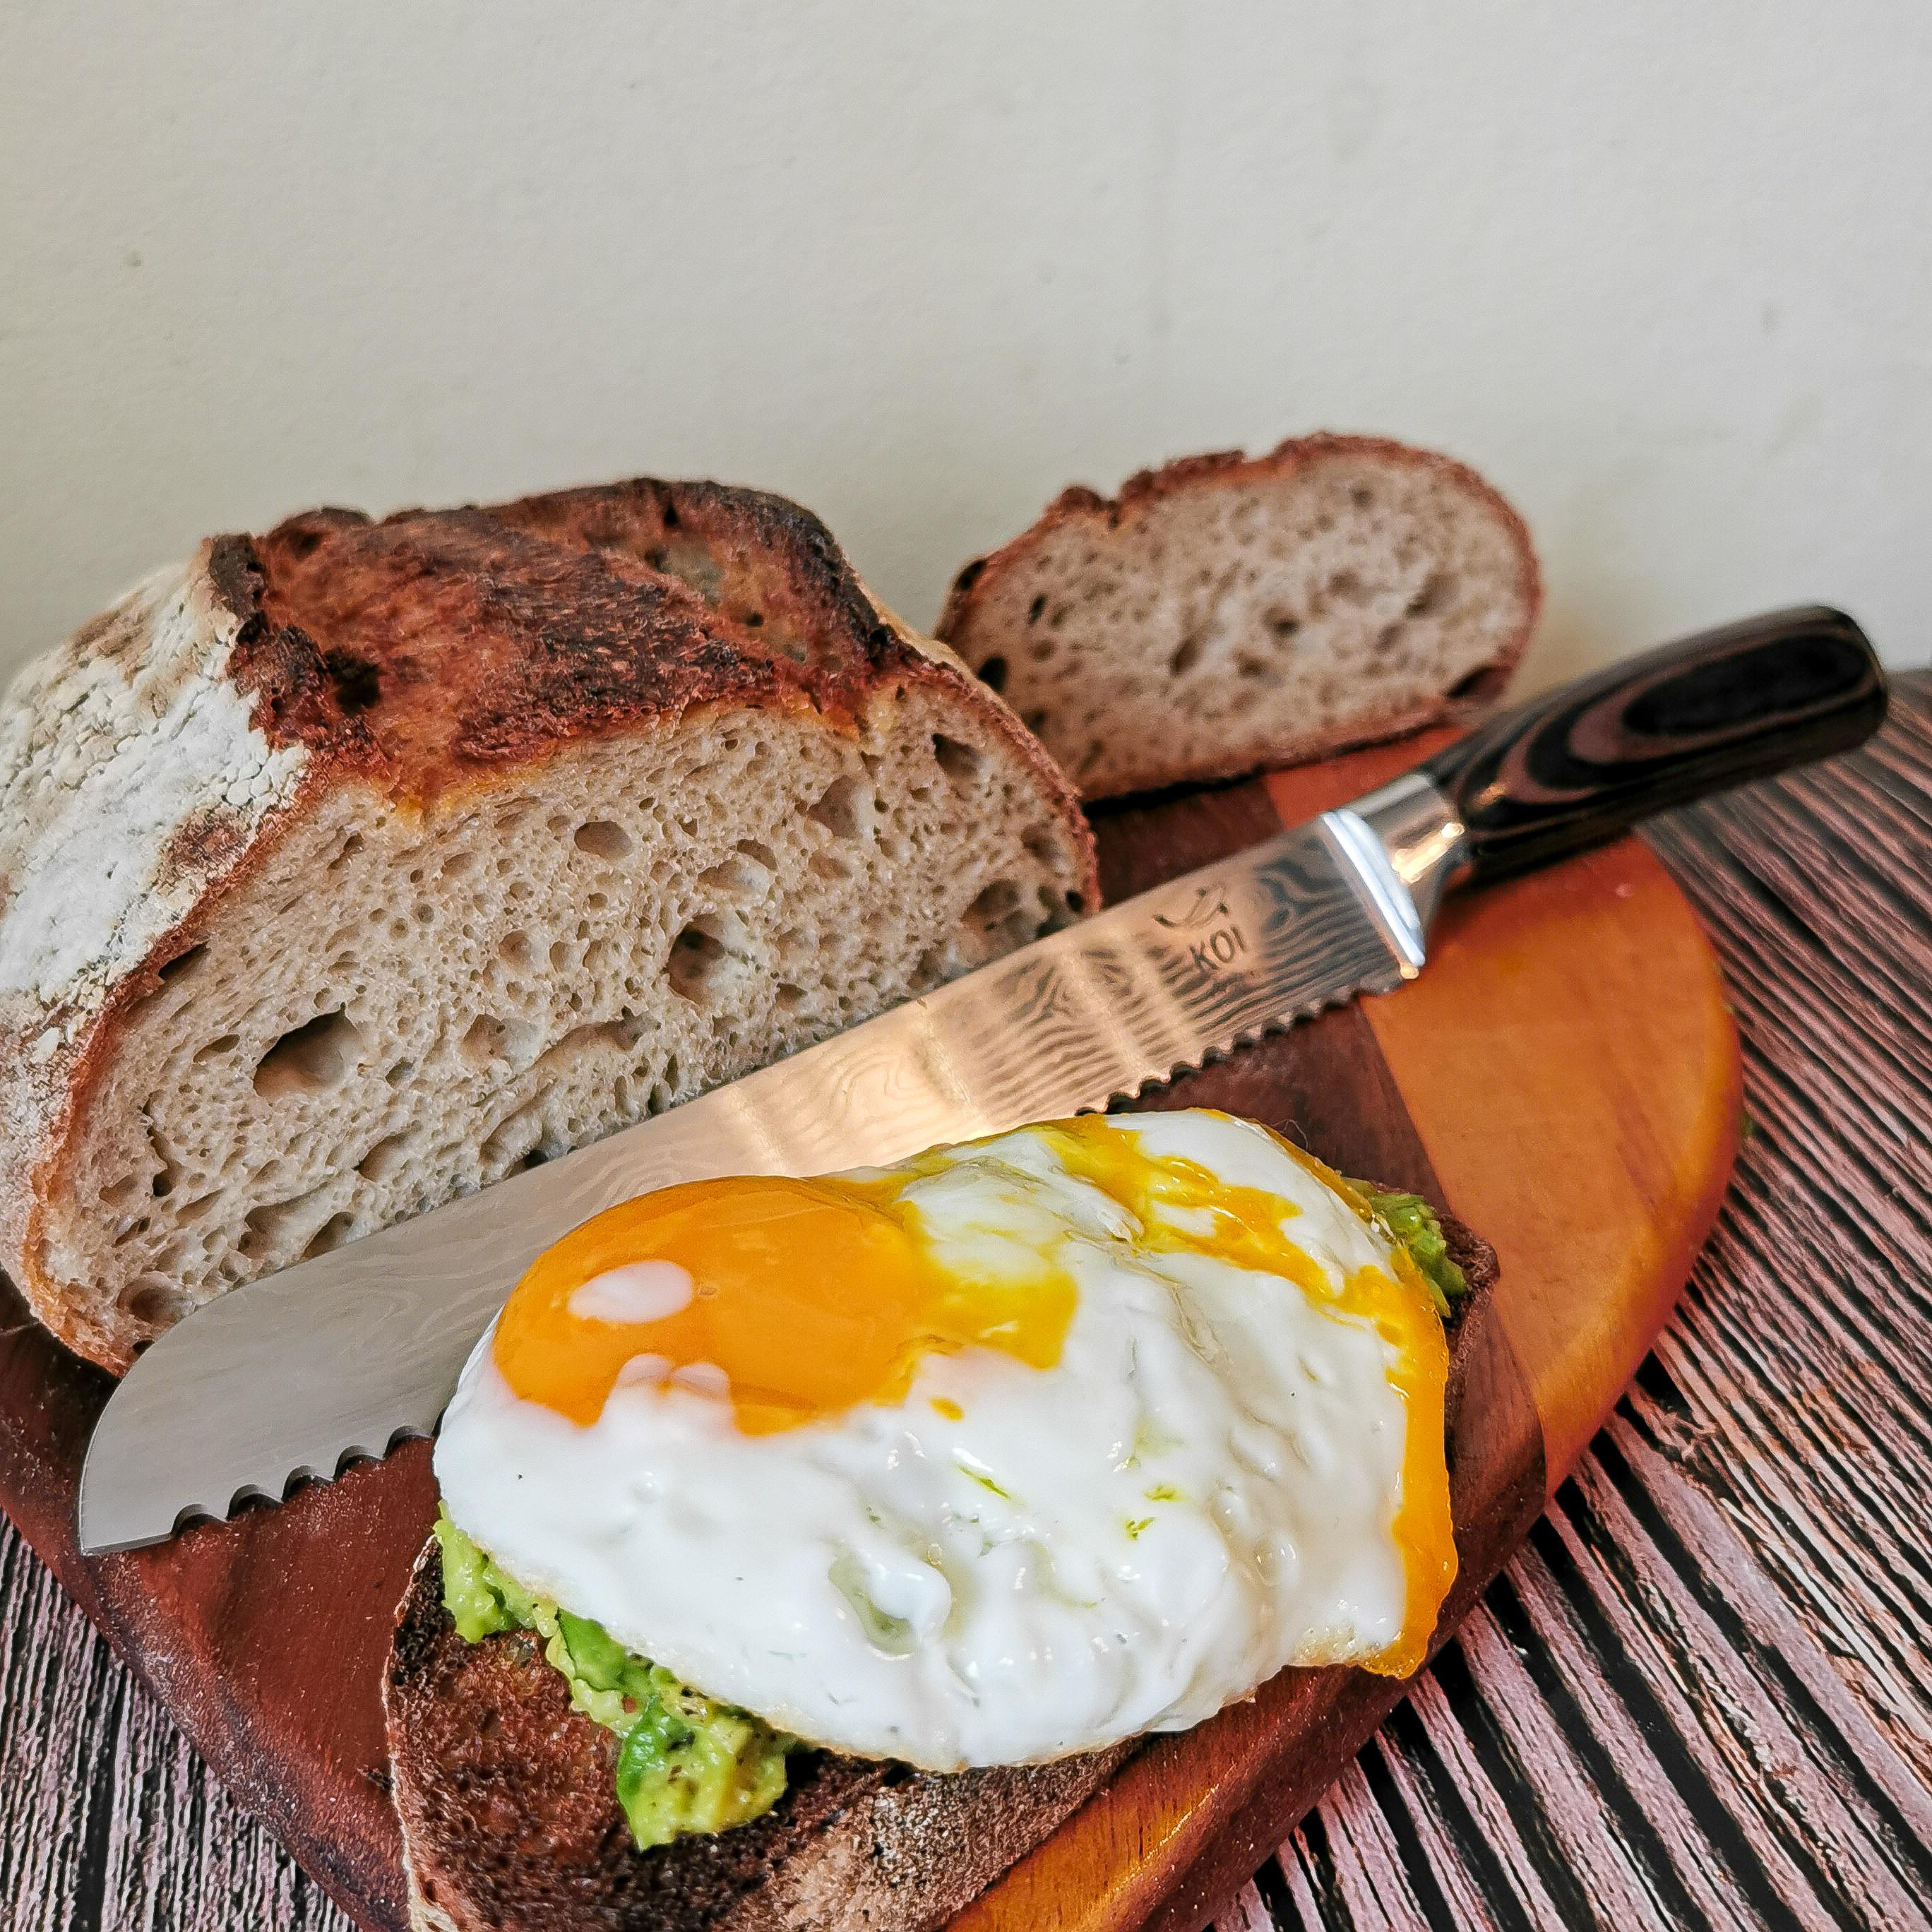 Koi bread knife